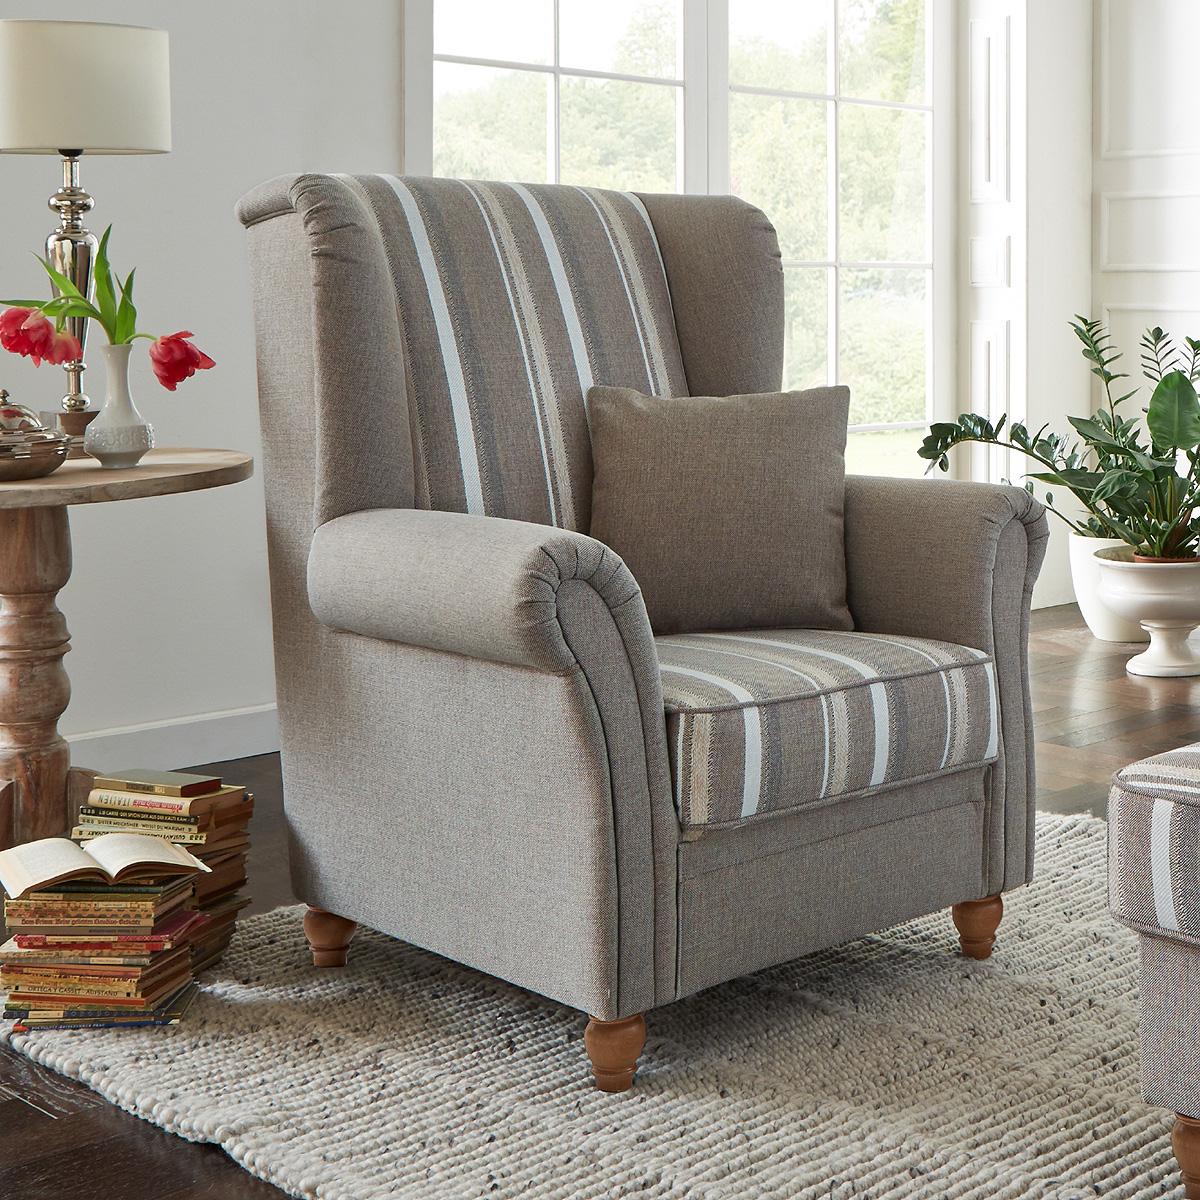 sessel f hr einzelsessel ohrensessel polsterm bel in beige. Black Bedroom Furniture Sets. Home Design Ideas